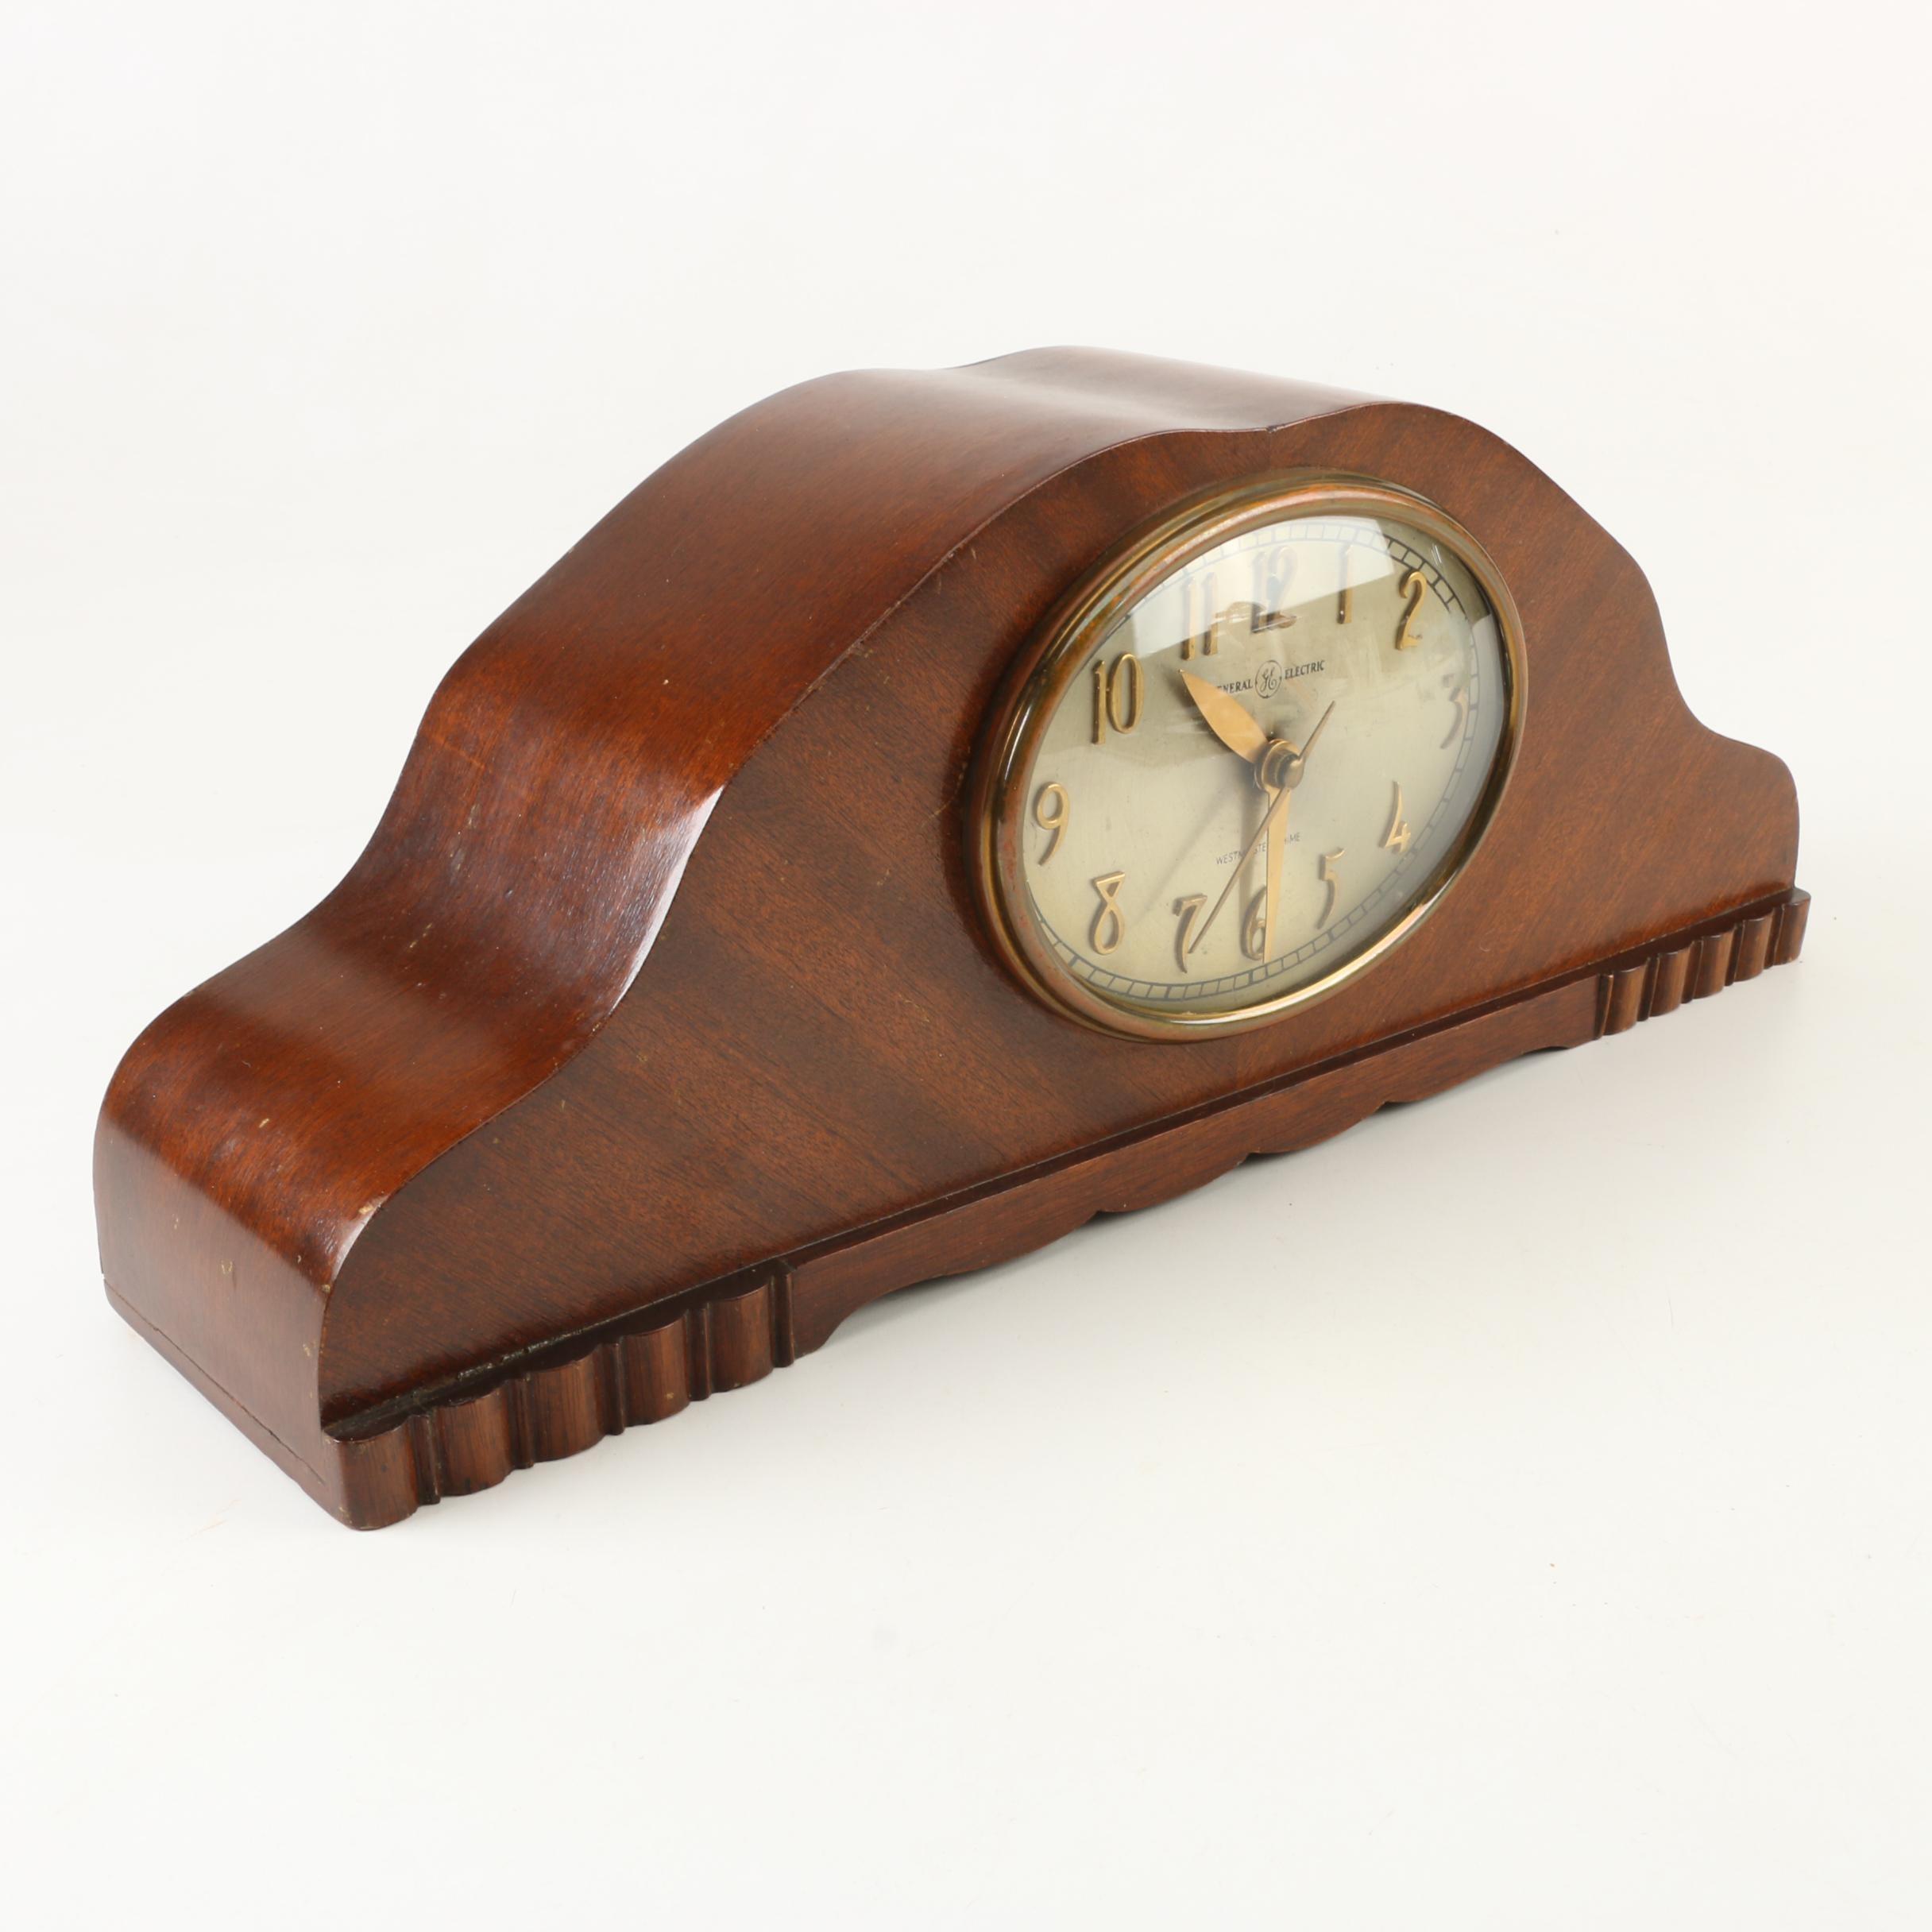 1940s General Electric Tambour Clock